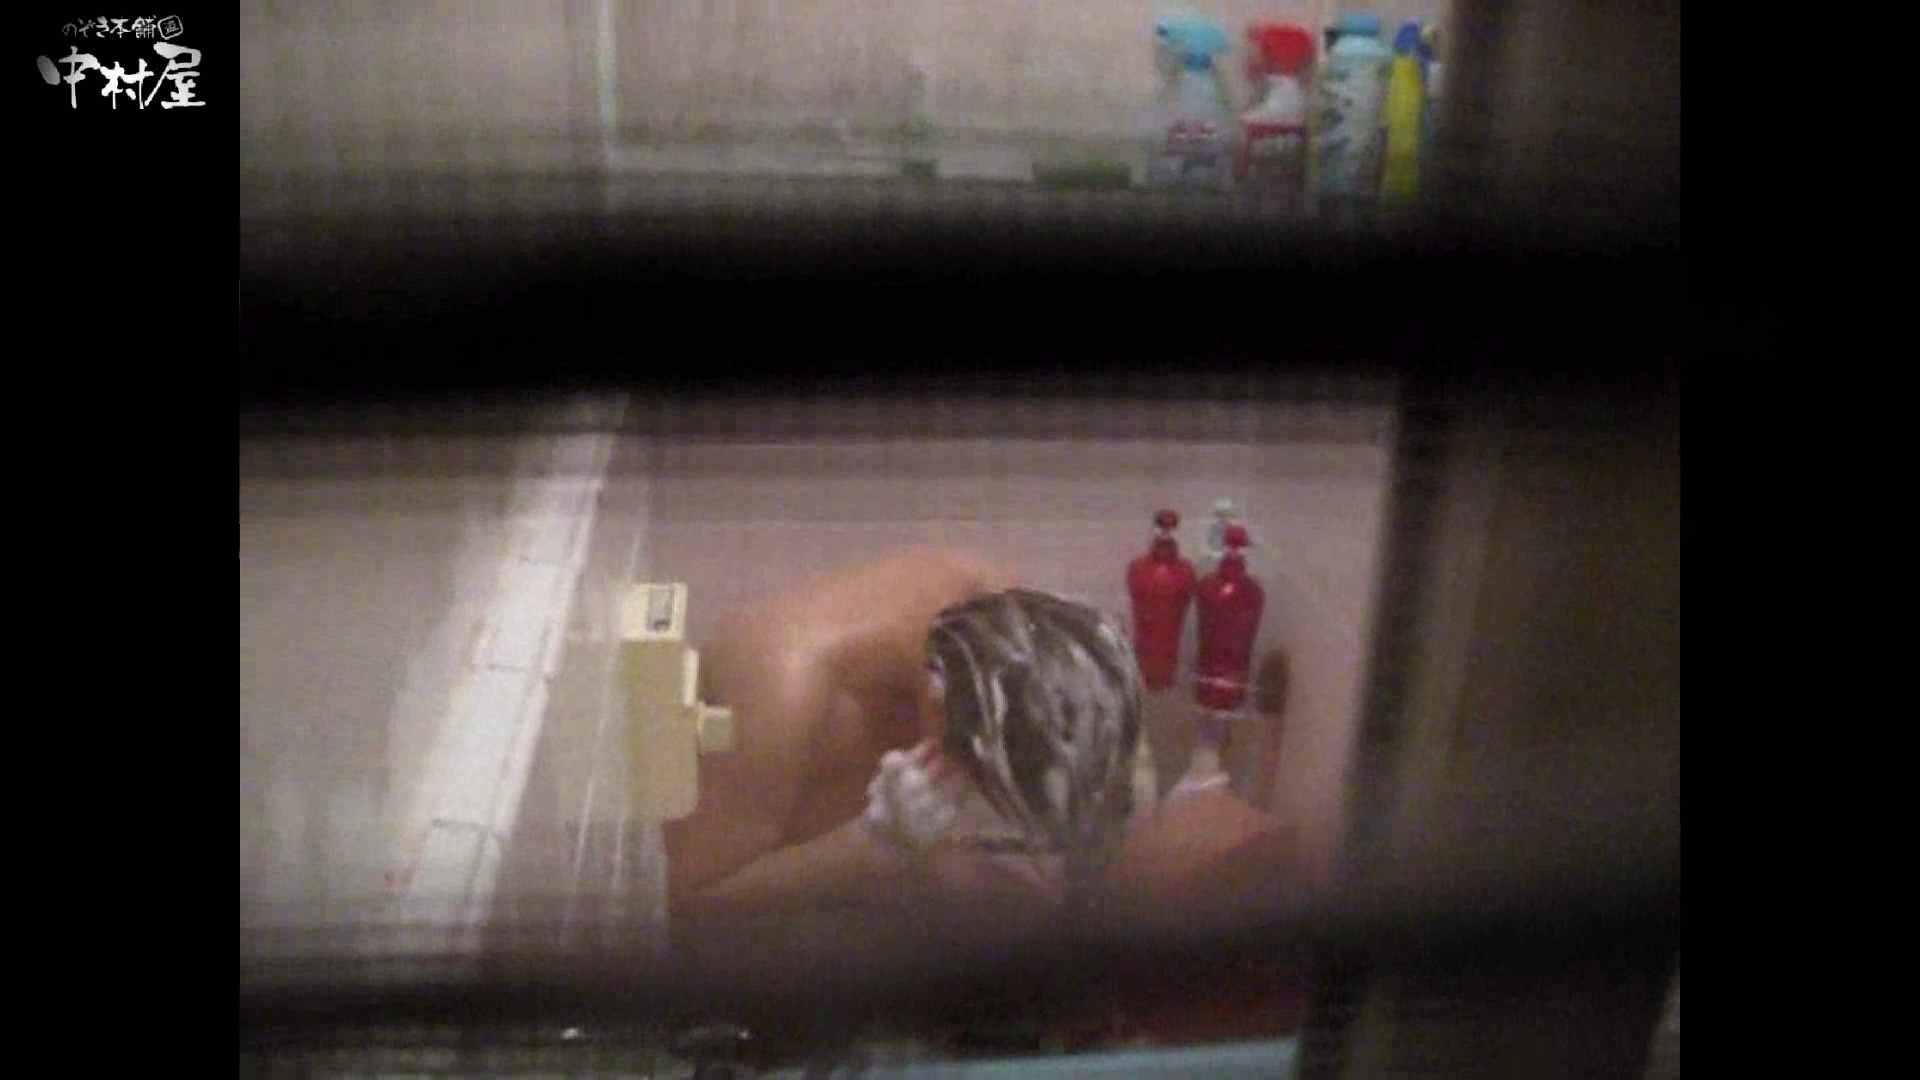 民家風呂専門盗撮師の超危険映像 vol.017 美少女エロ画像  93PICs 72